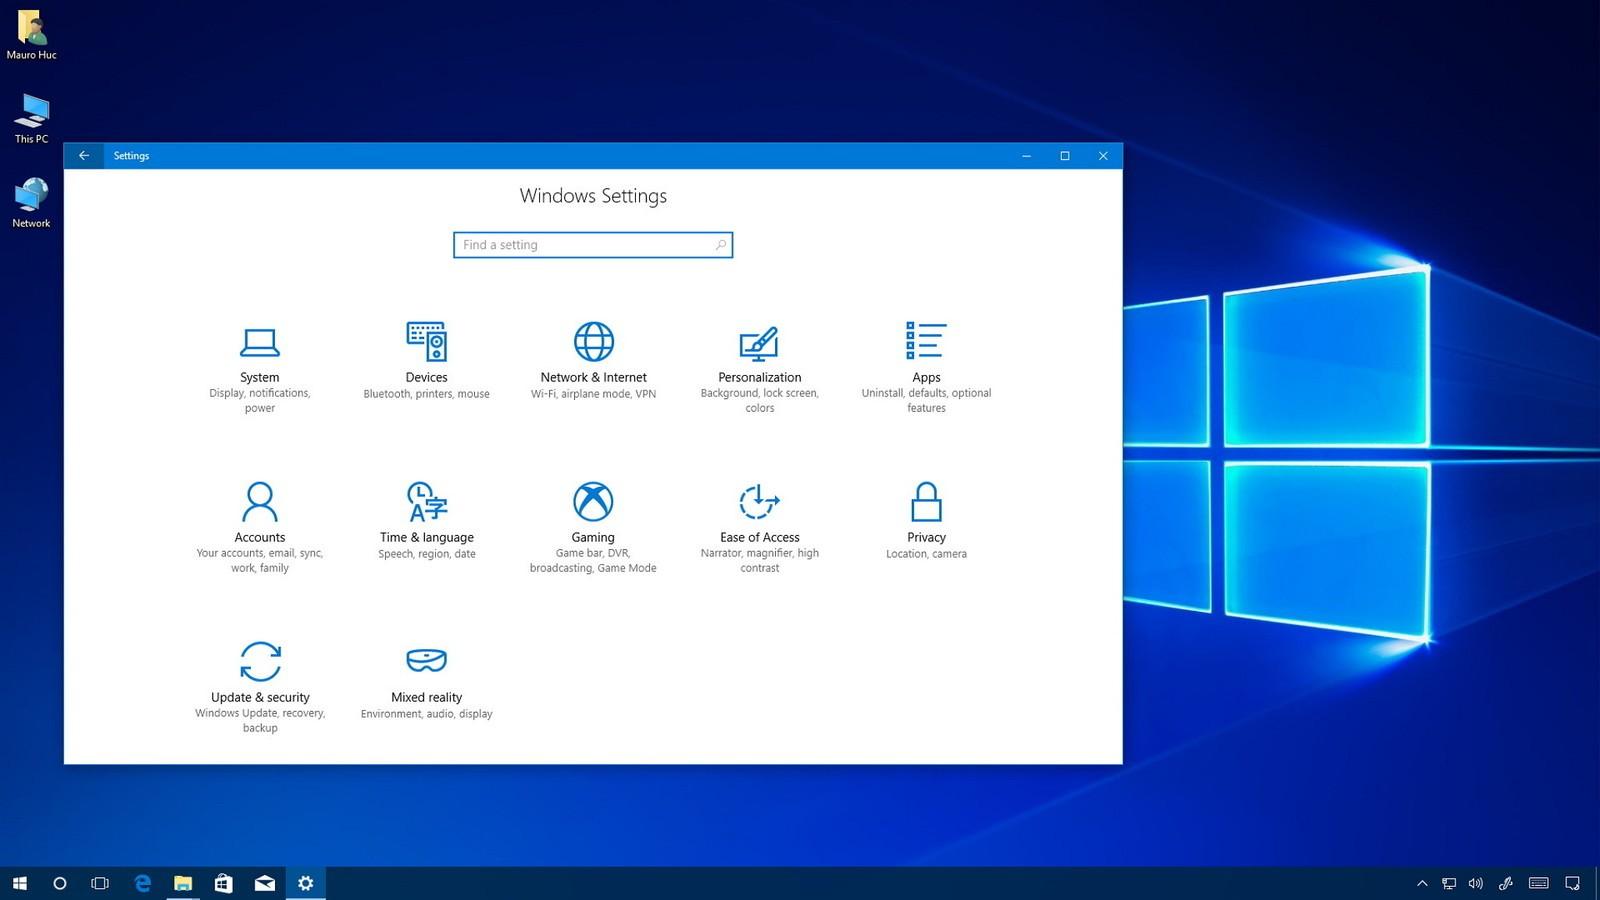 Windows 10, una schermata dell'ultima major release (Creators Update)